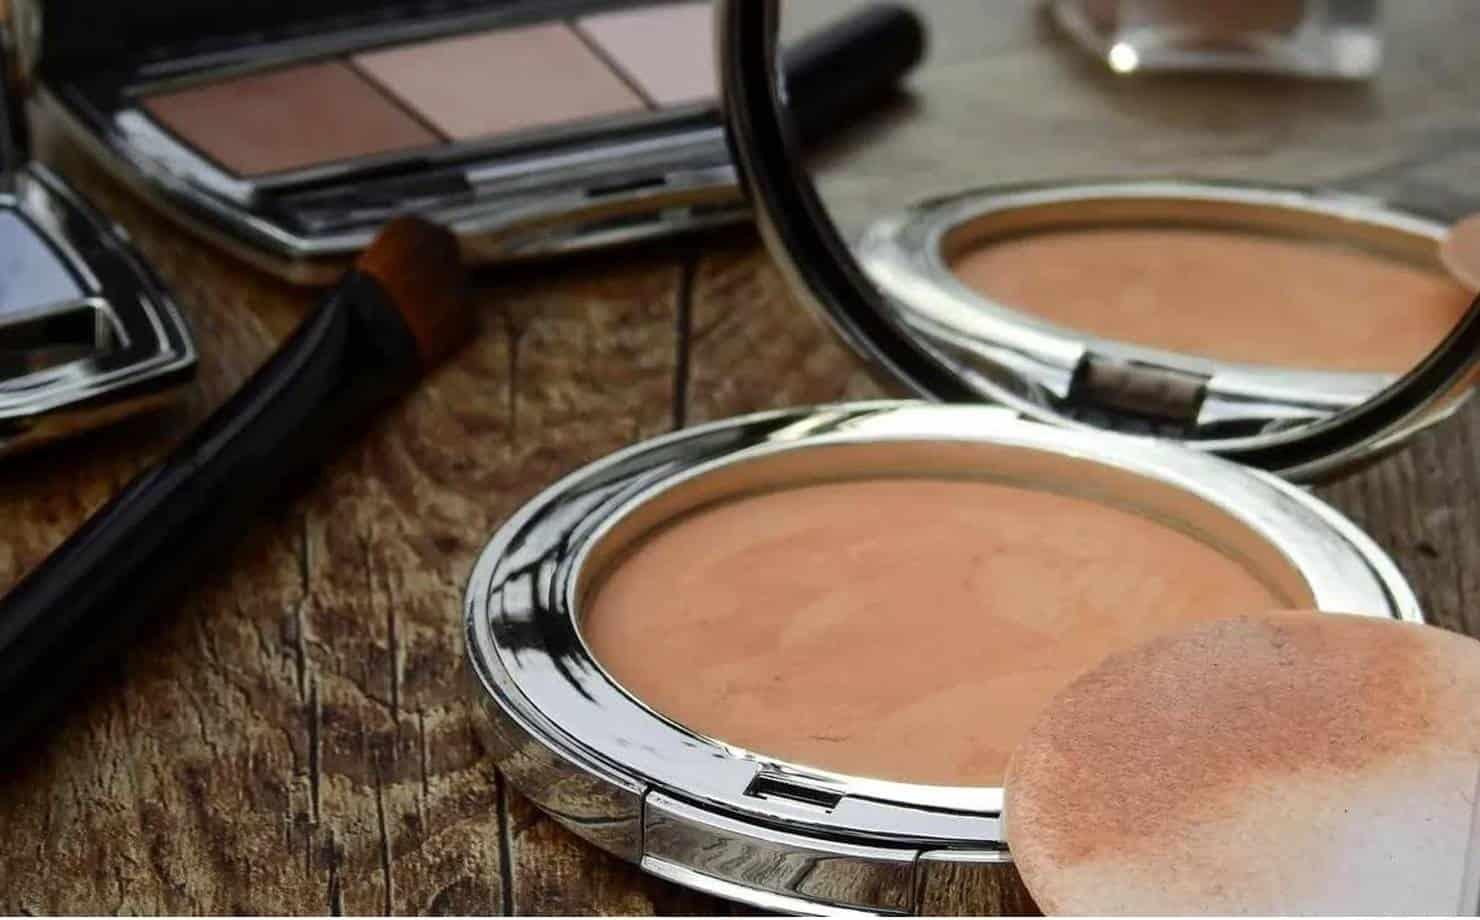 Como fazer uma base de maquiagem natural caseira